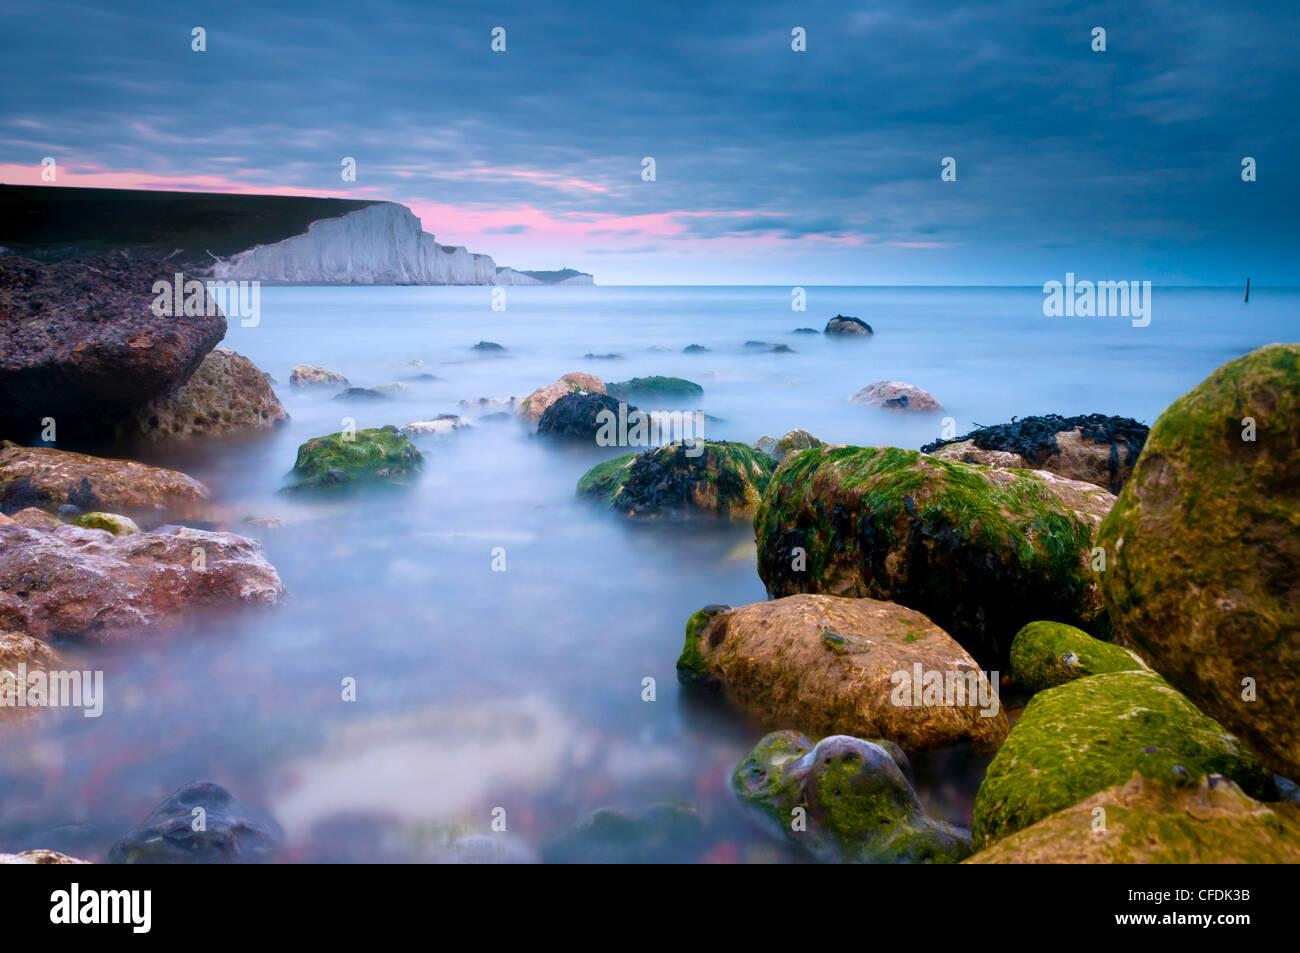 Sieben Schwestern Klippen von Cuckmere Haven Beach, South Downs, East Sussex, England, Vereinigtes Königreich, Stockbild